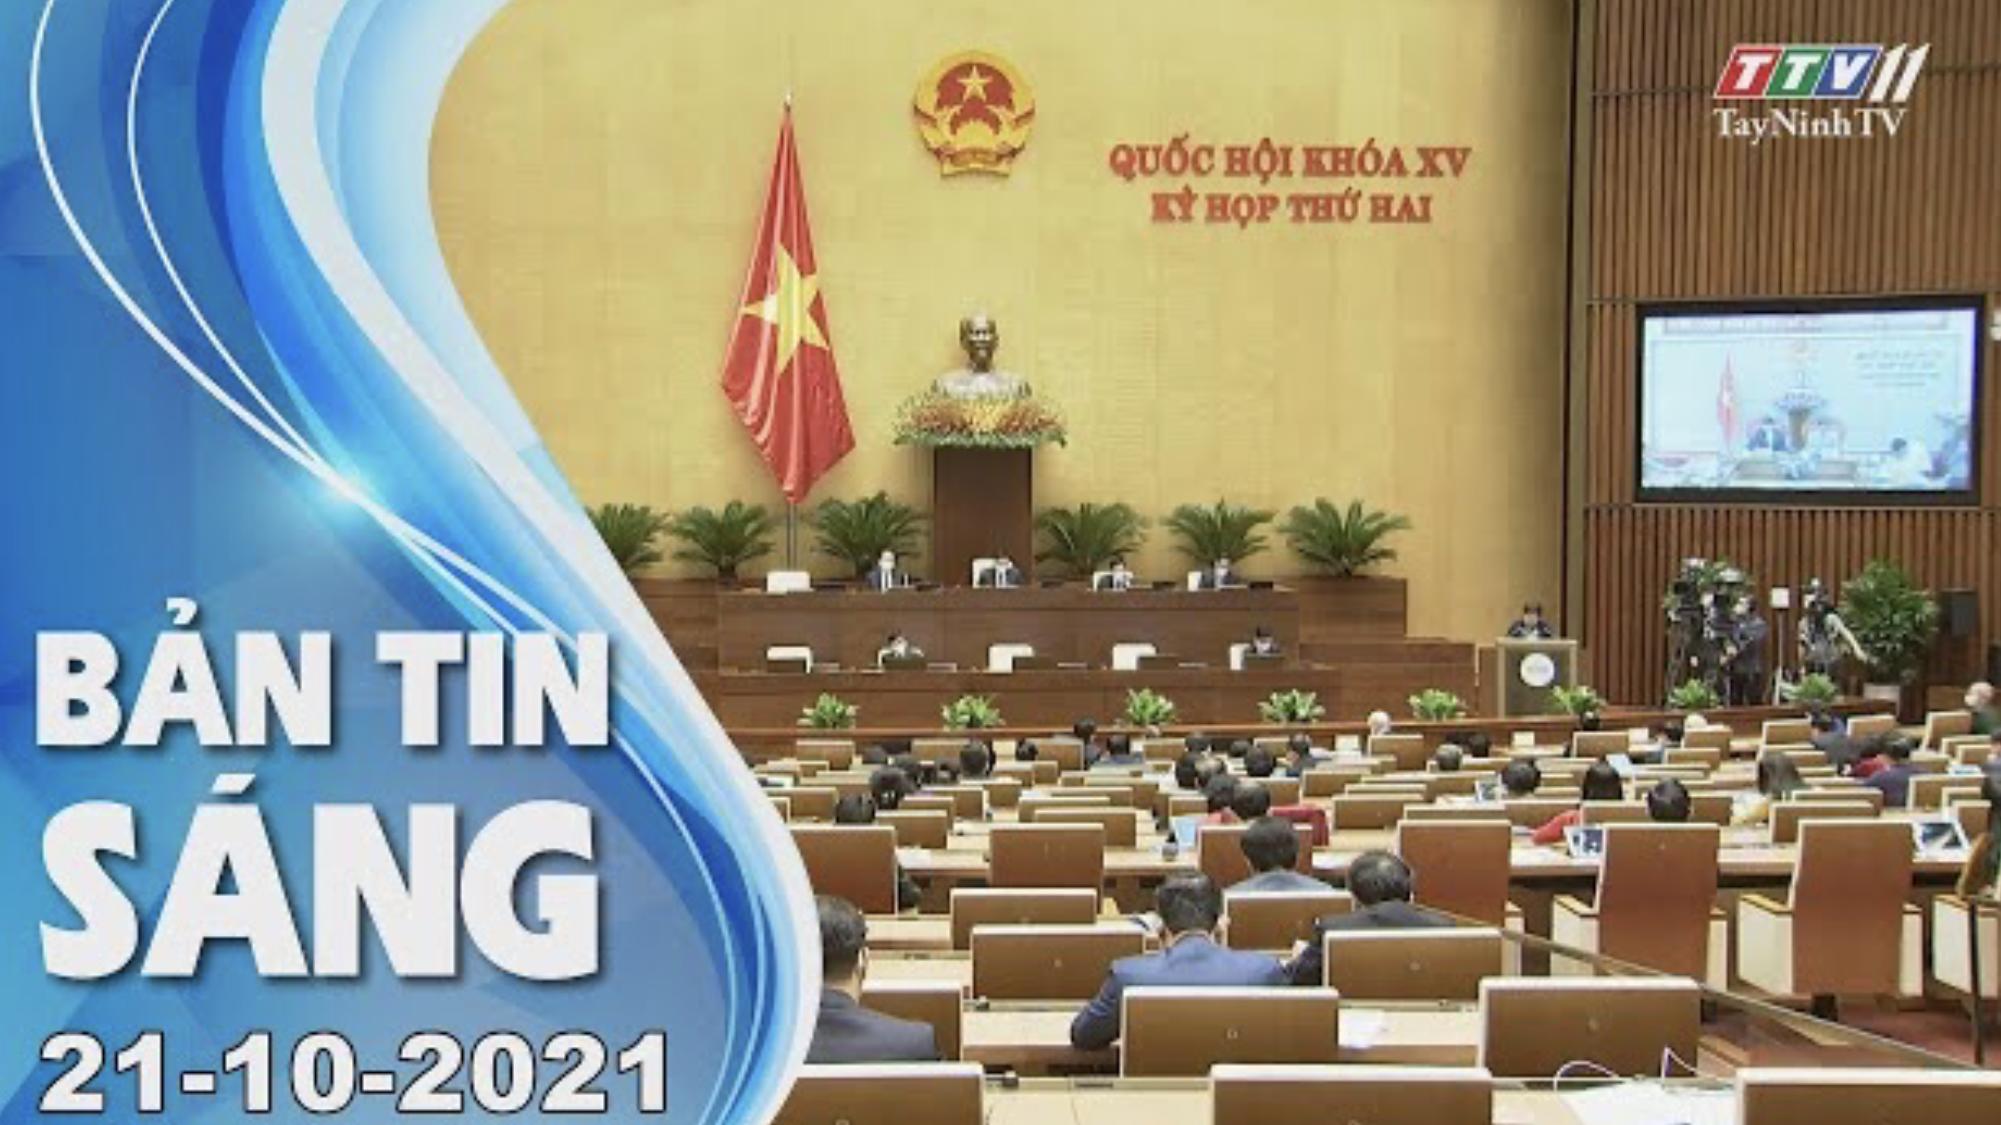 BẢN TIN SÁNG 21/10/2021 | Tin tức hôm nay | TayNinhTV